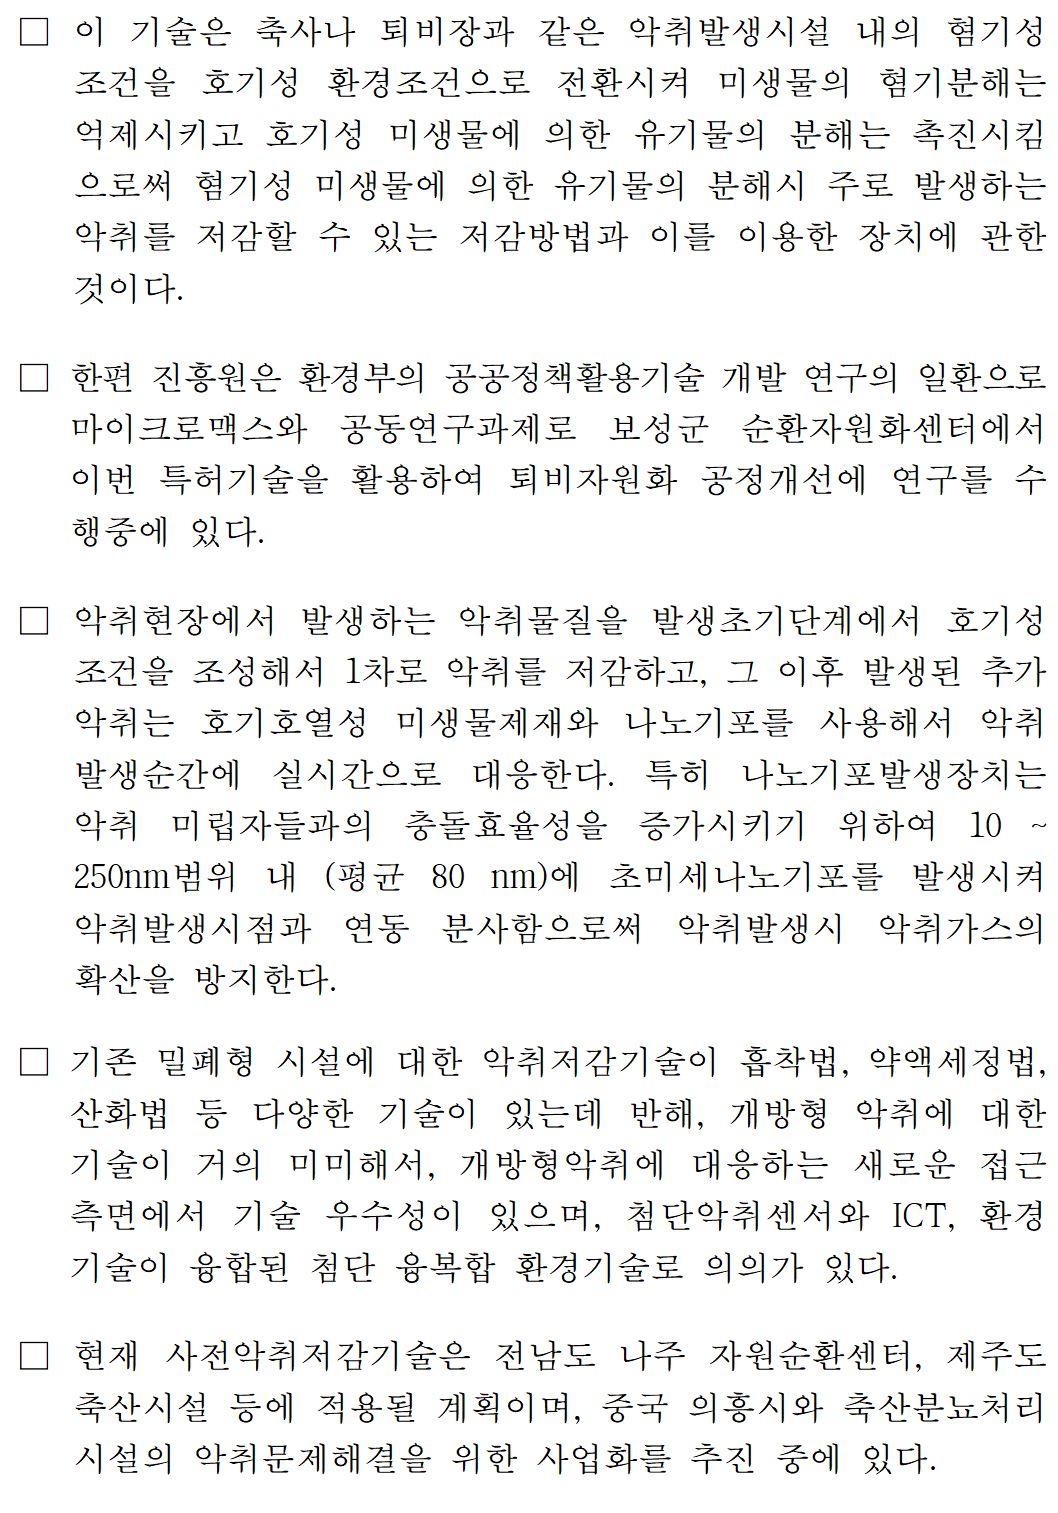 재전라남도환경산업진흥원도내기업에최초로환경기술이전